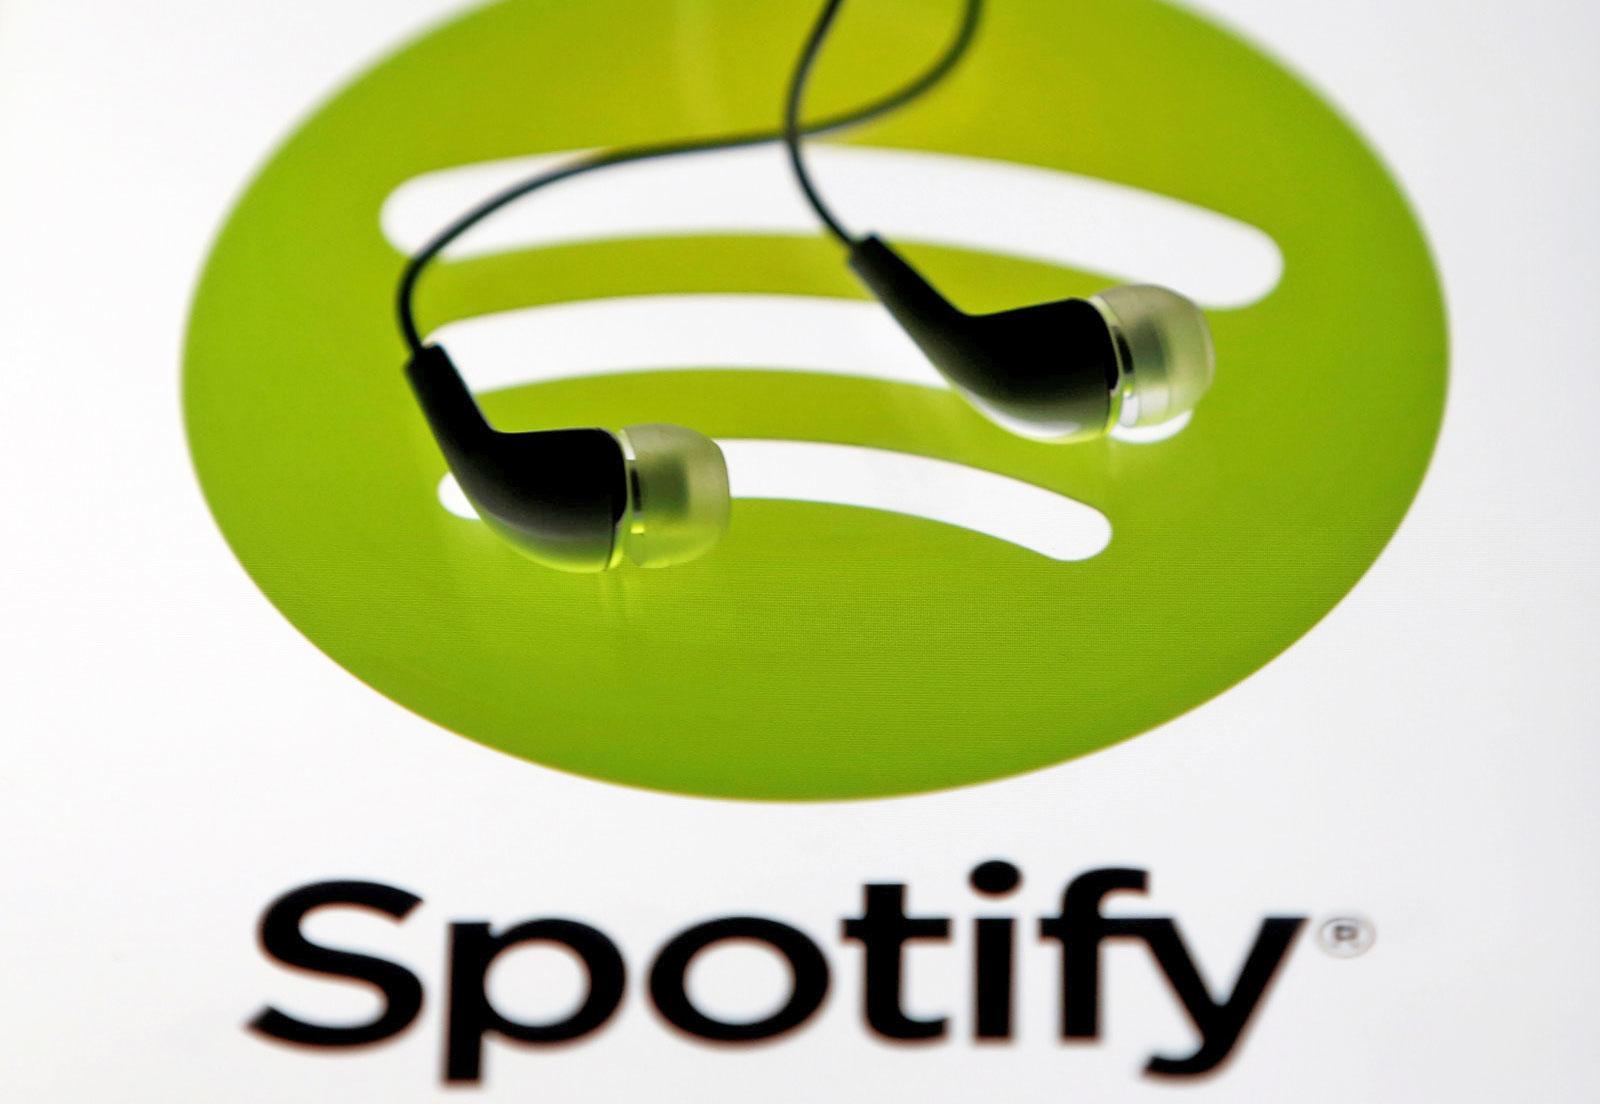 Spotify adquiere Soundtrap, un estudio de grabación de música en línea. Es un movimiento interesante para el servicio de transmisión.